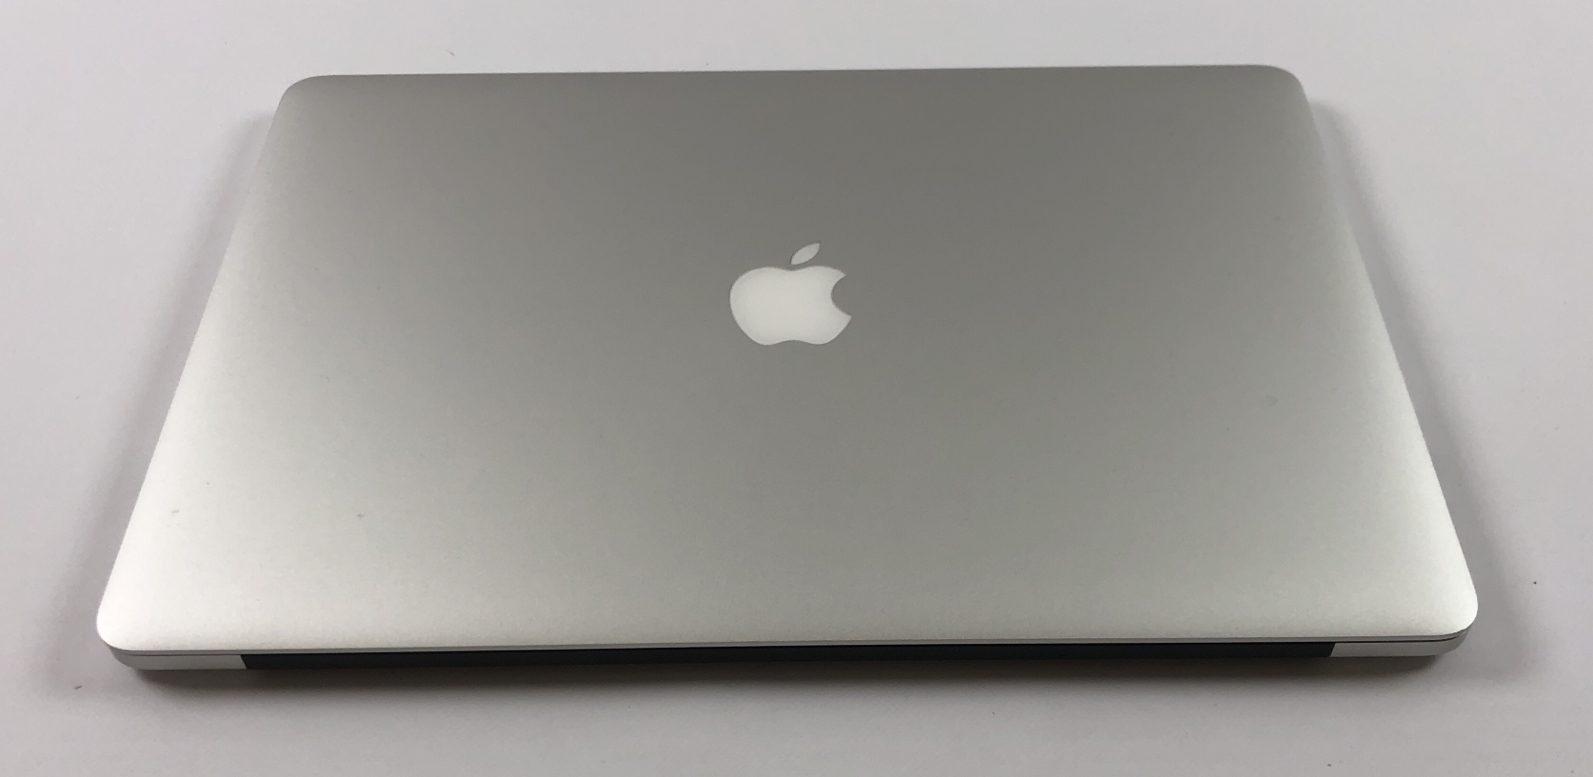 """MacBook Pro Retina 15"""" Mid 2014 (Intel Quad-Core i7 2.5 GHz 16 GB RAM 512 GB SSD), Intel Quad-Core i7 2.5 GHz, 16 GB RAM, 512 GB SSD, imagen 2"""